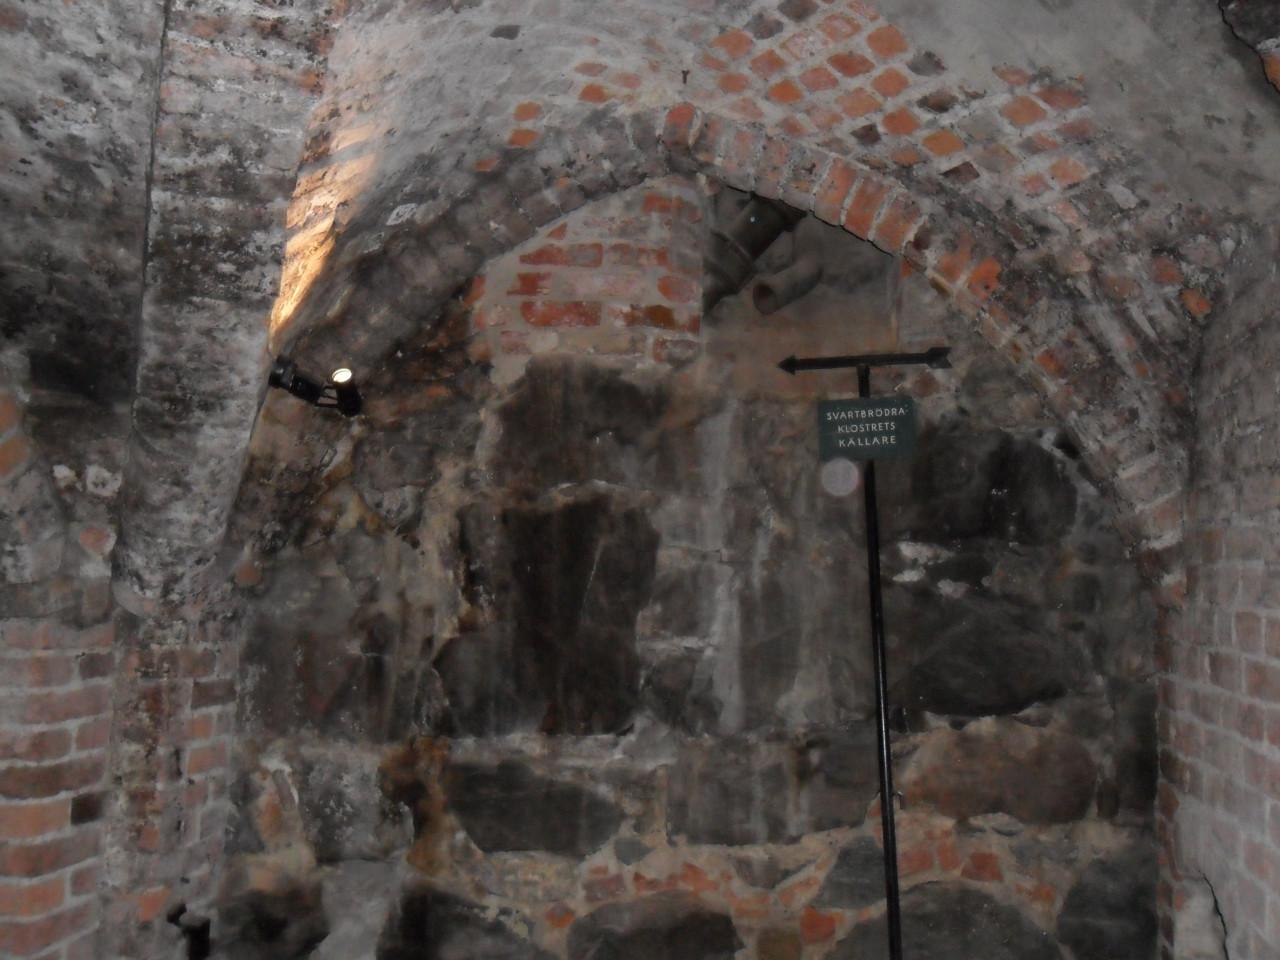 Svartbrdrakloster-016-kta-medeltid